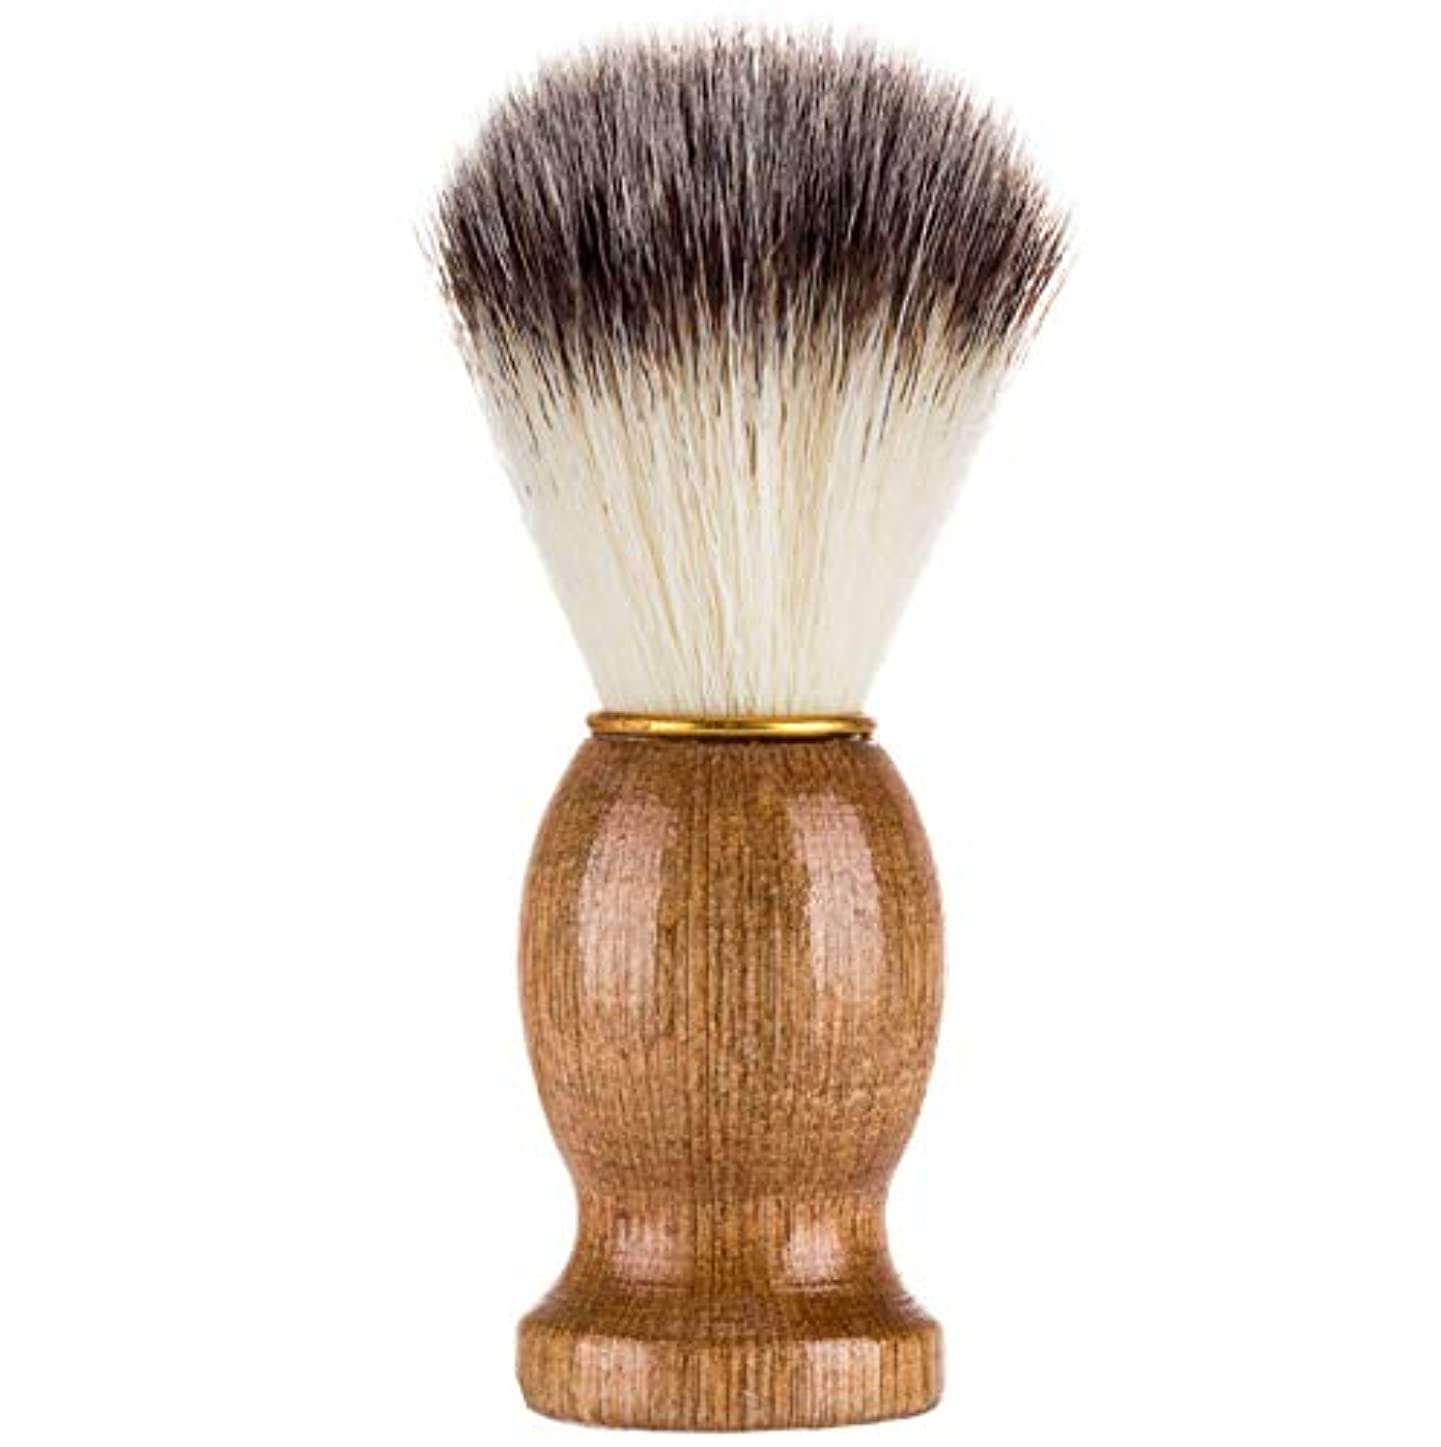 ソフトヘアメイクブラシメンズシェービングブラシ品質剛毛新しいポータブルハイエンドひげブラシ美容ツール